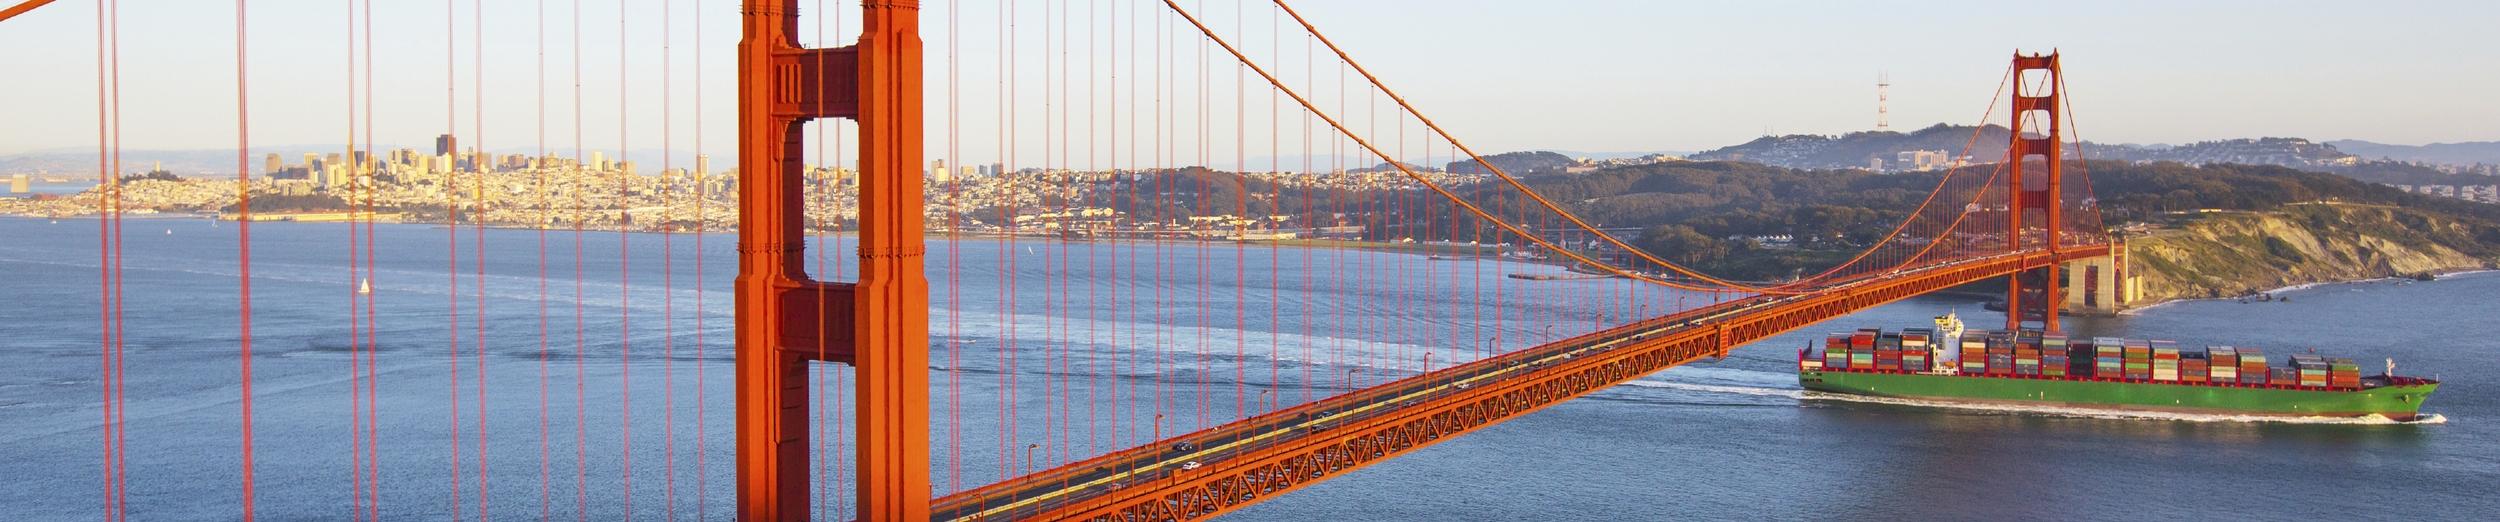 Top San Francisco Creative Agencies